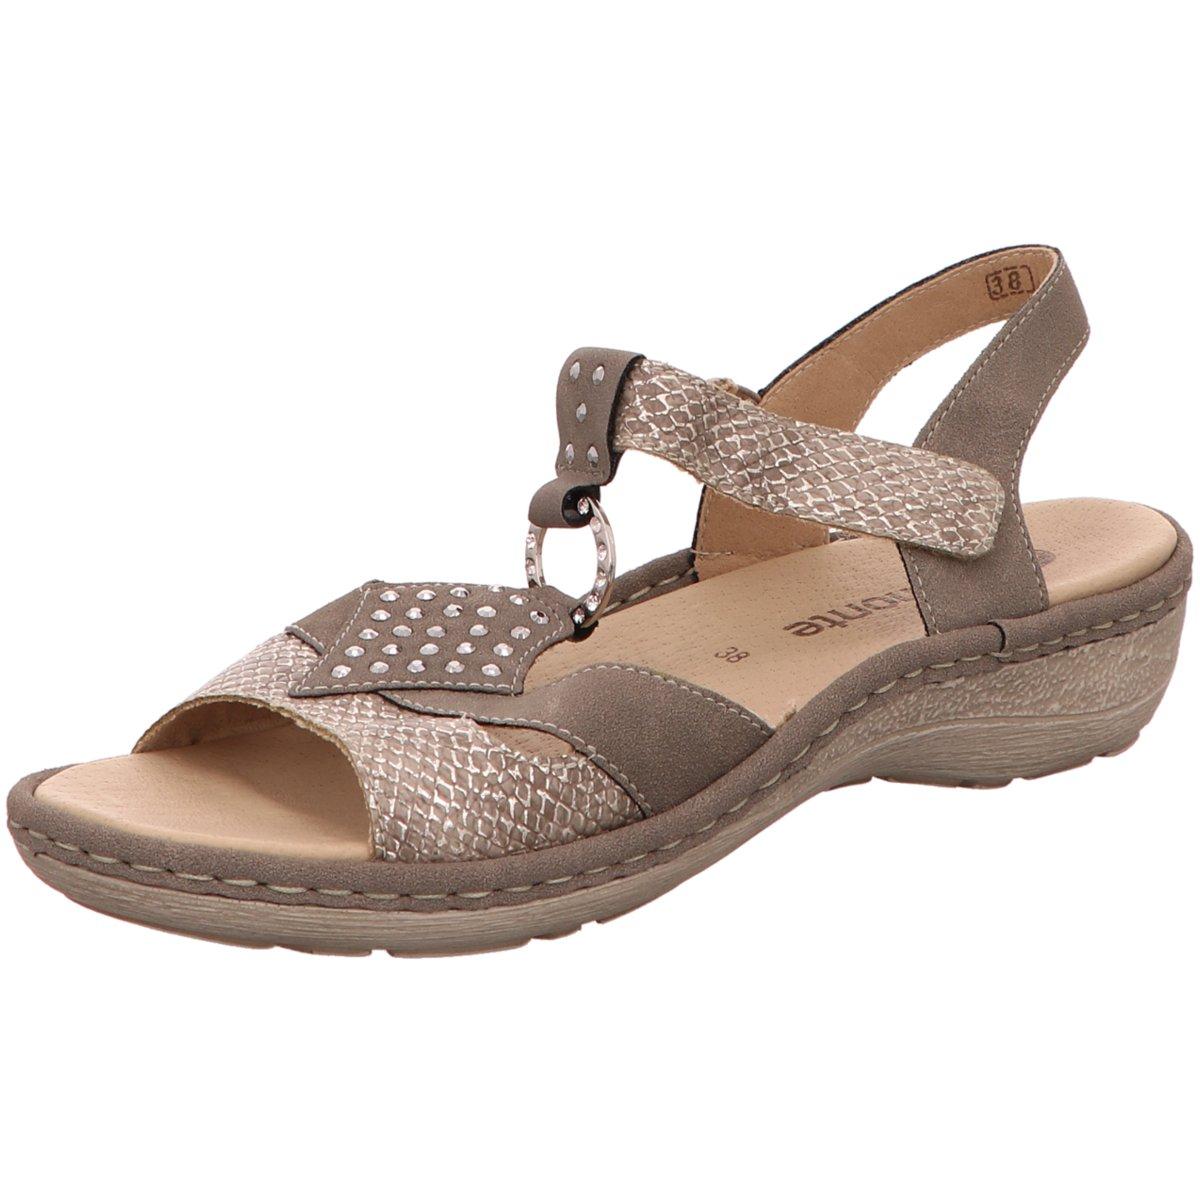 NEU Remonte Damen Sandaletten Mussurana Fango-Silv D7668-64 braun 304695